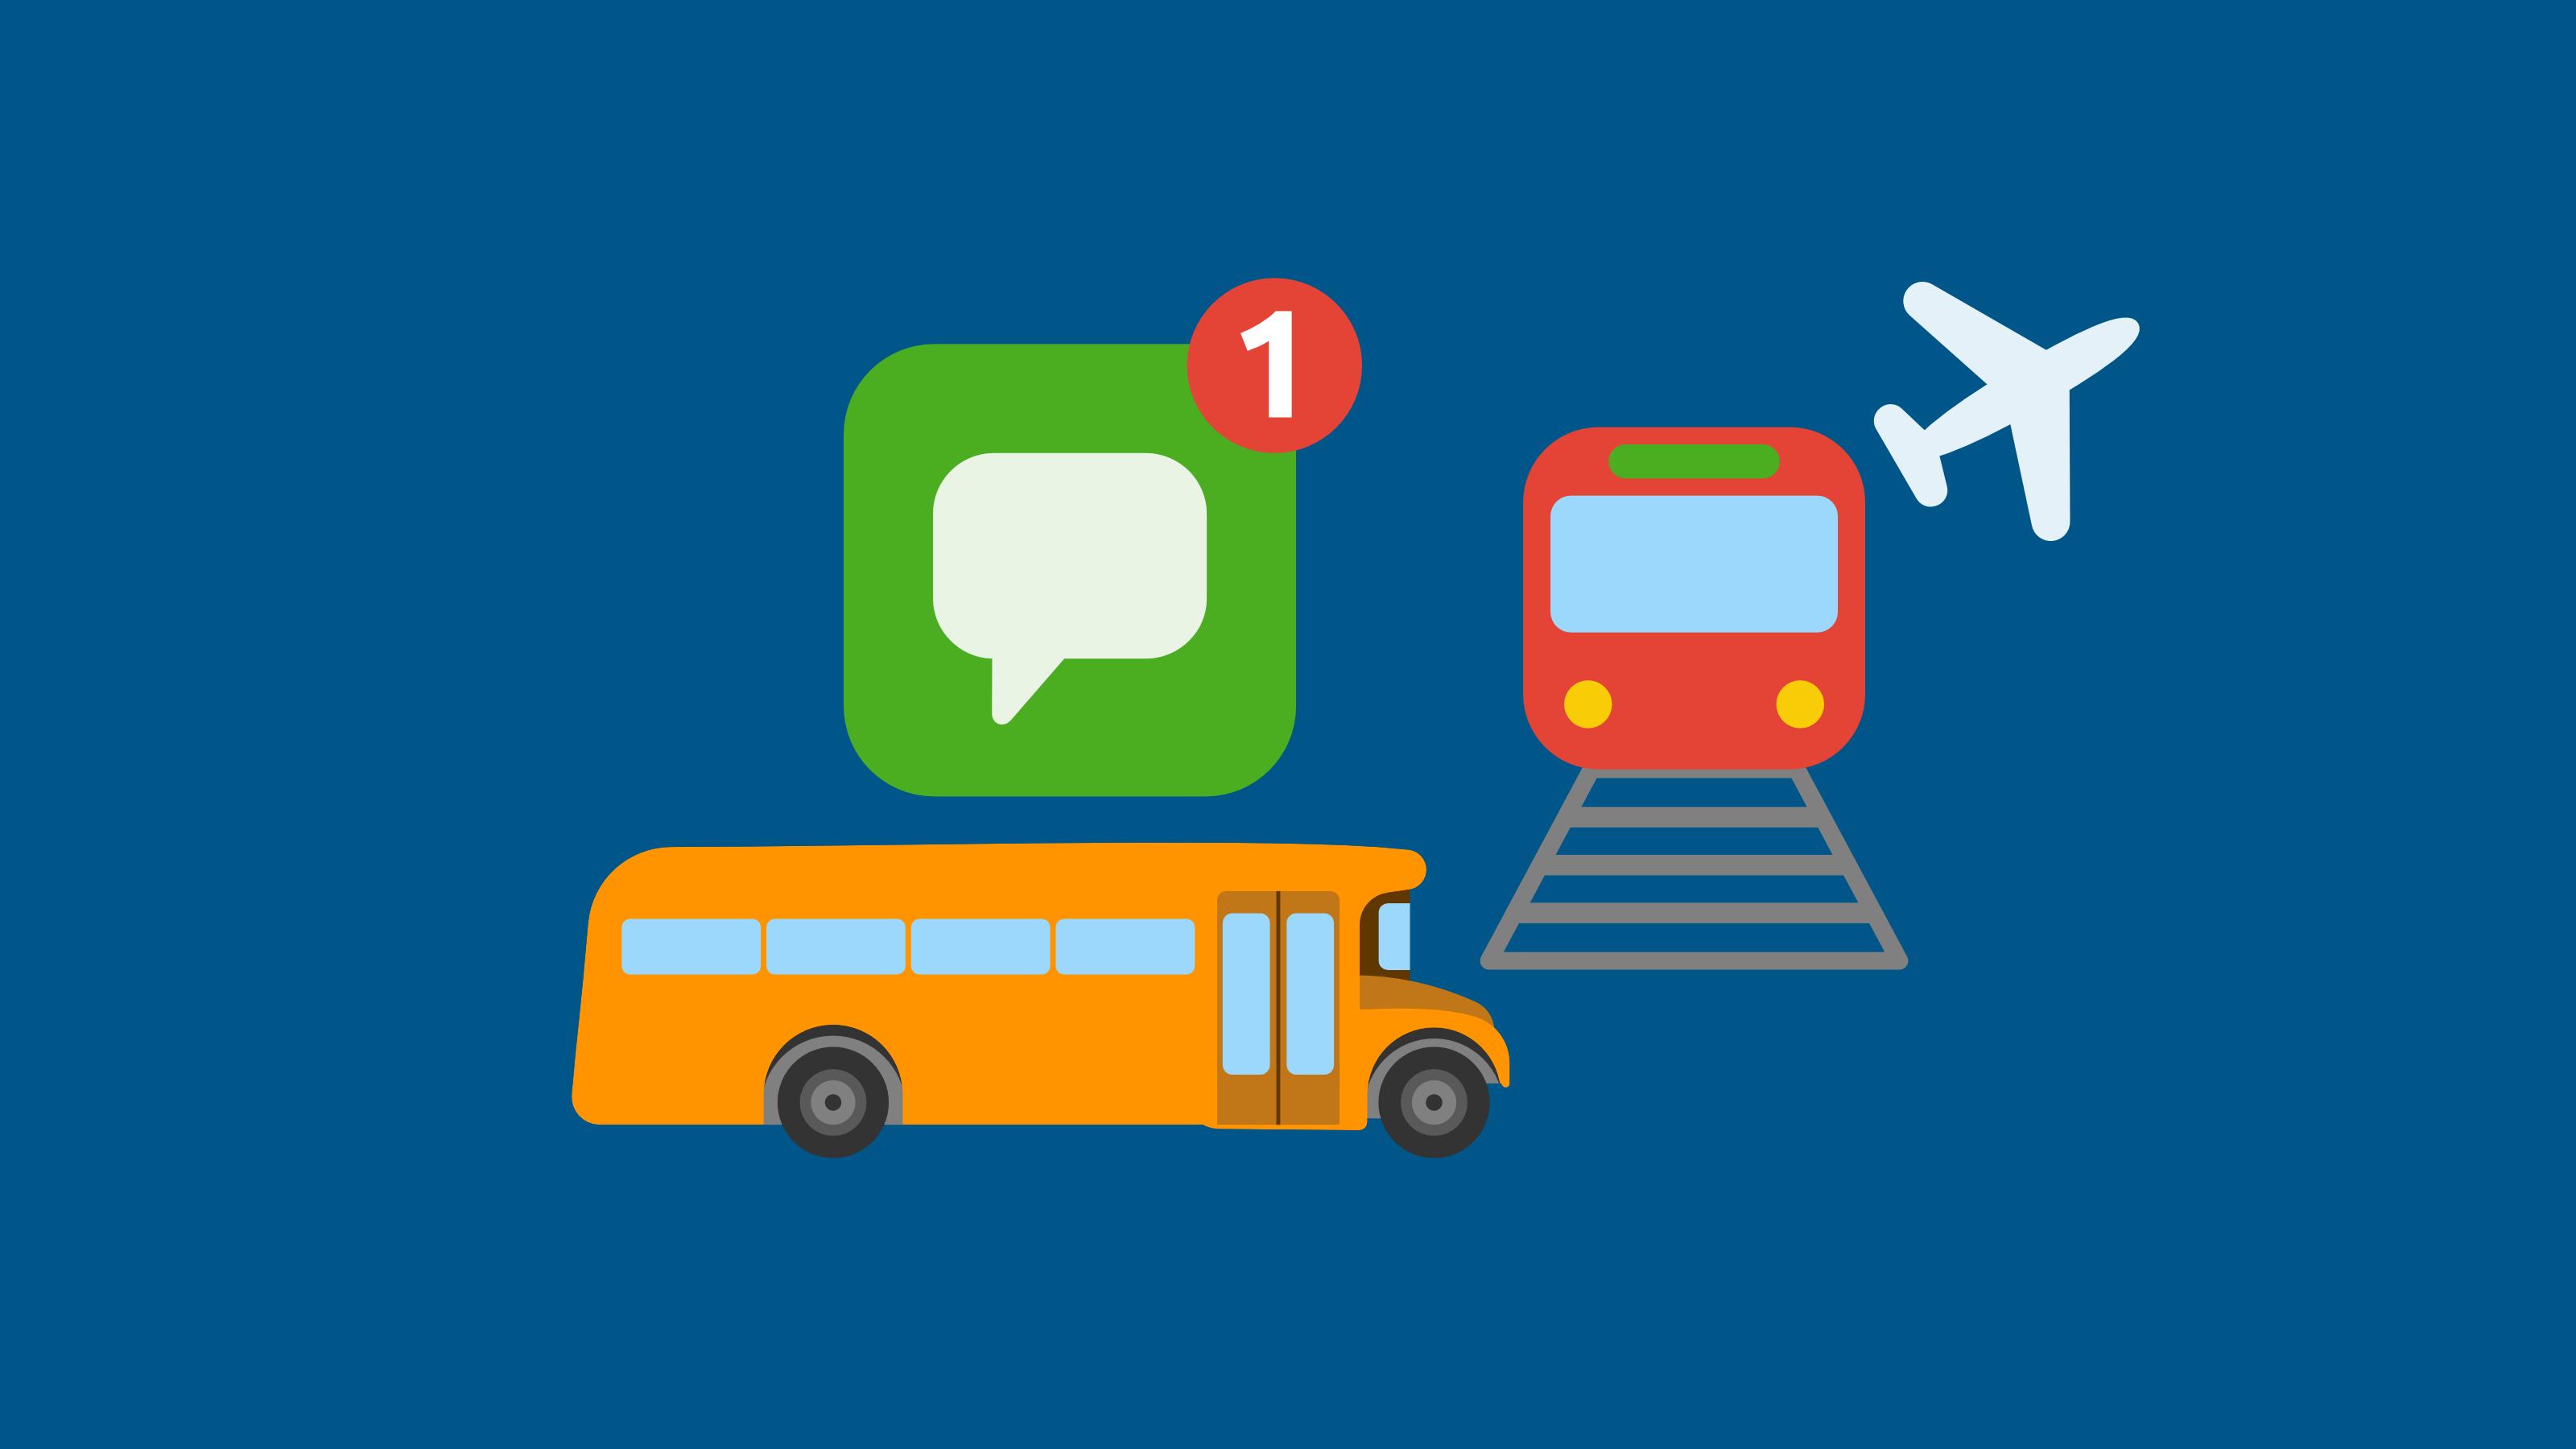 kundenservice-und-whatsapp-transport-notifications unternehmenskommunikation und whatsapp